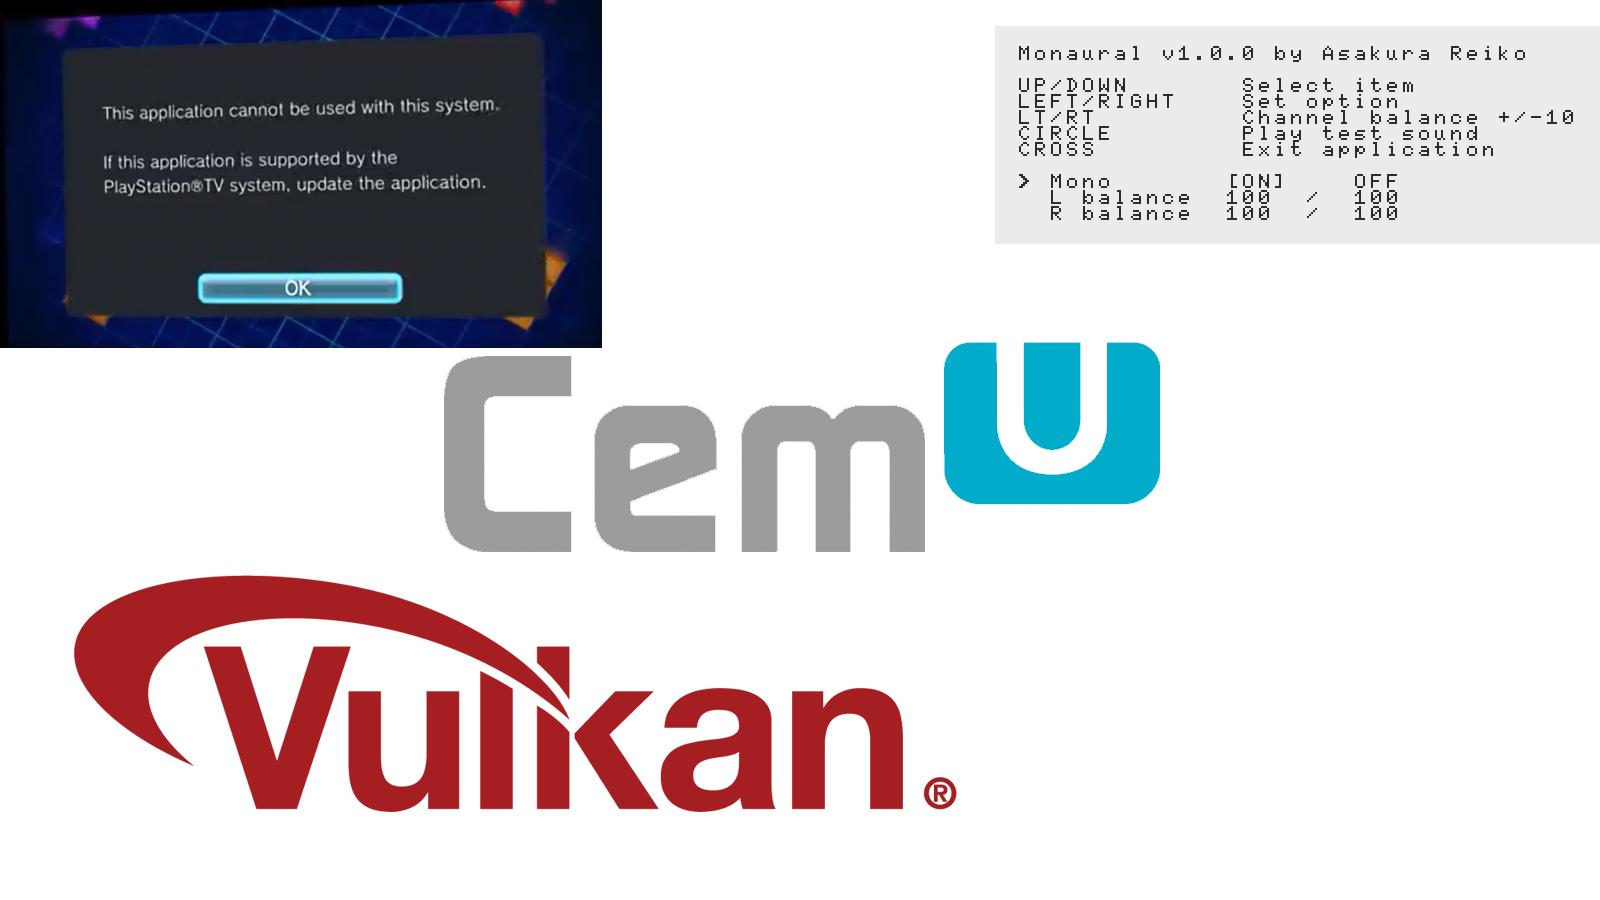 Noticias: Cemu 1.16.0c lanzado públicamente con las mejoras de la memoria caché de renderizador y sombreador de Vulkan; 2 Nuevos complementos de PSVita (DolcePolce & Monaural) lanzados por Team CBPS